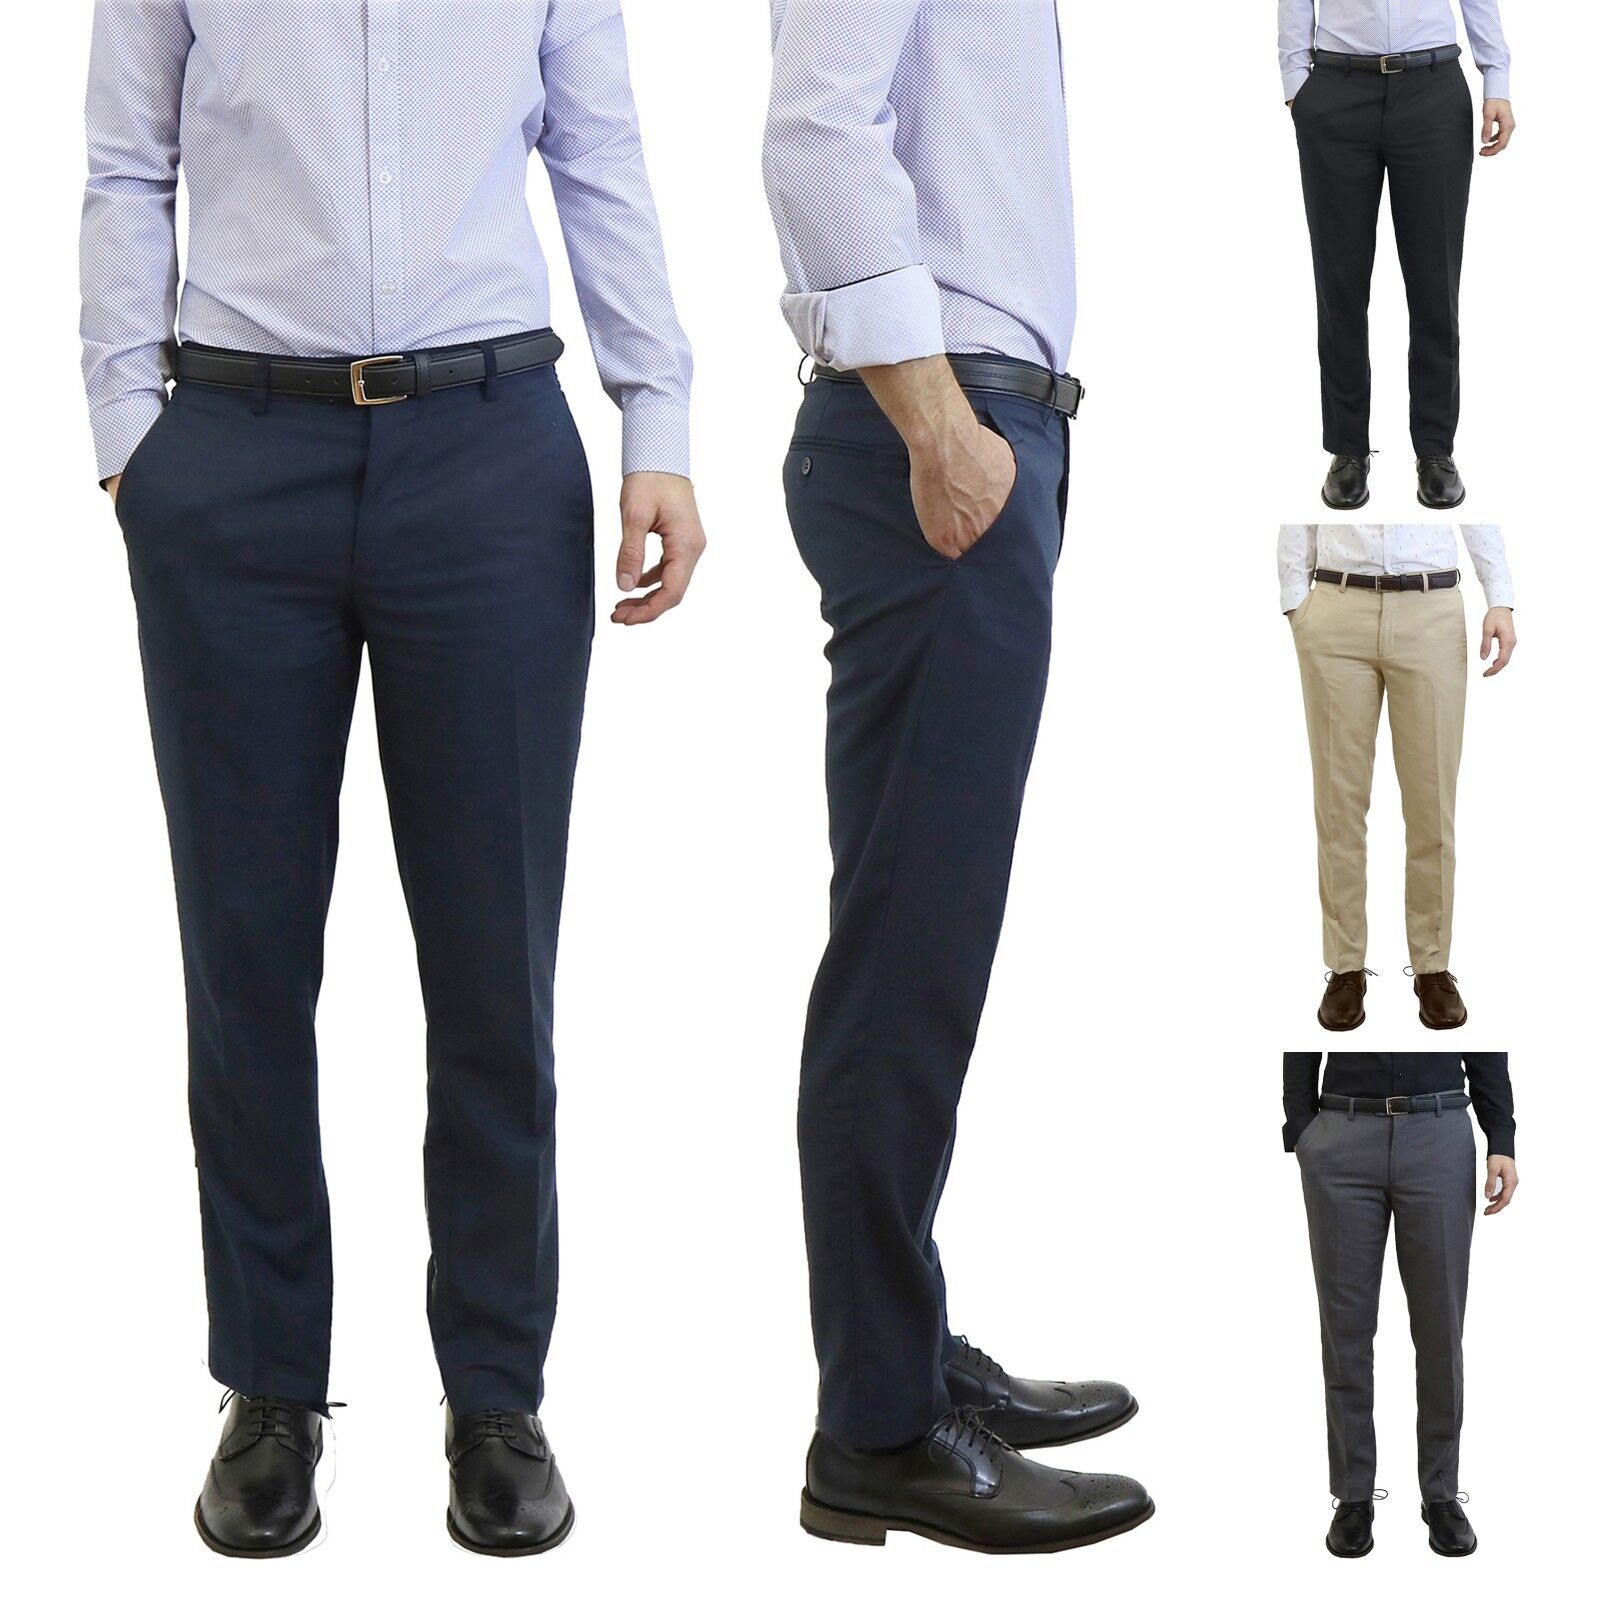 Mens Dress Pants With Belt Slim Fit Flat Front Fancy Work Un